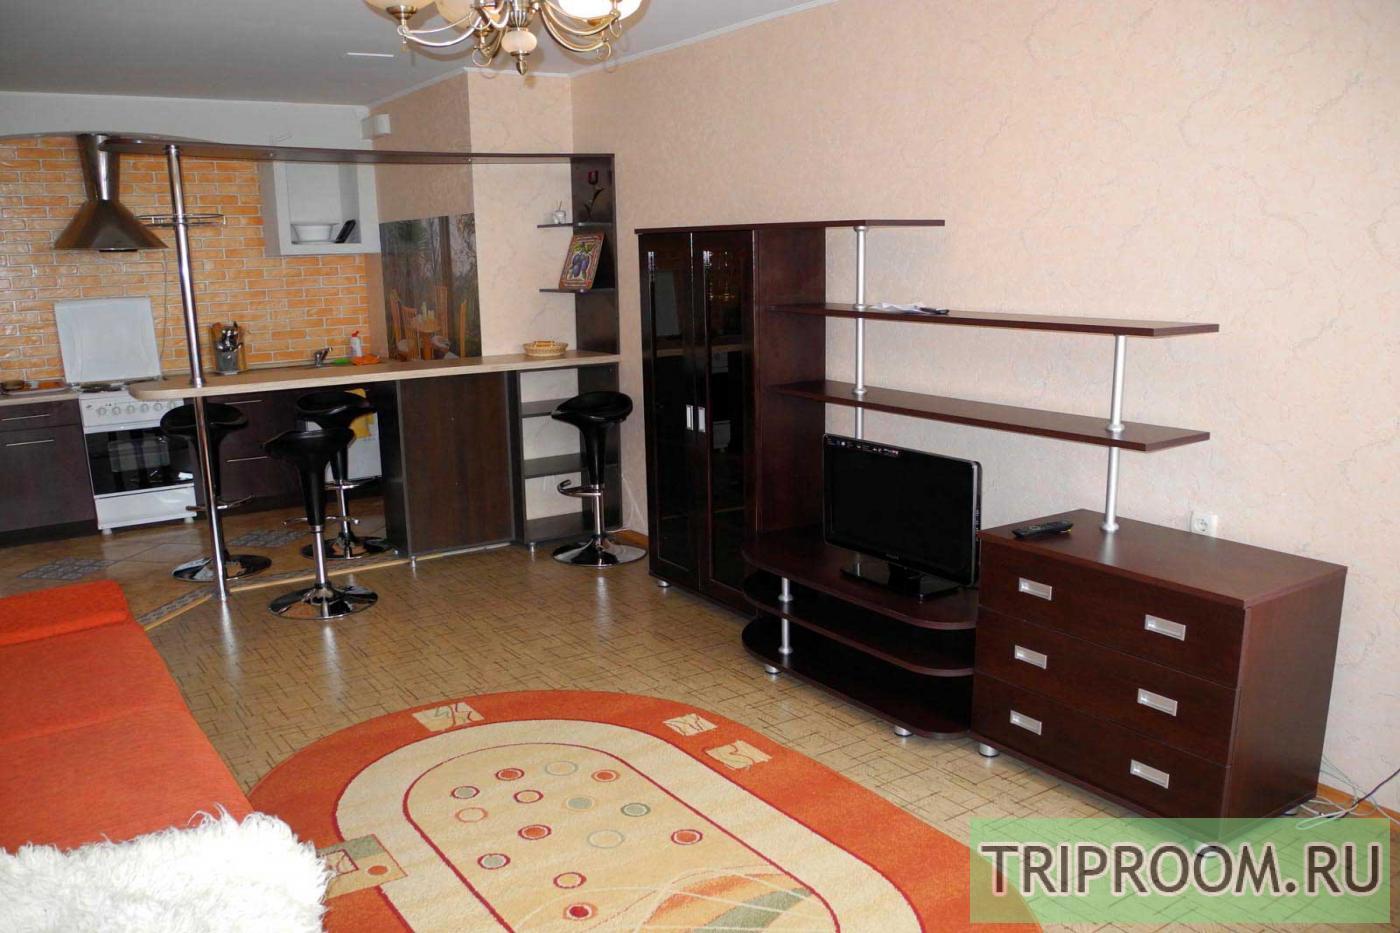 3-комнатная квартира посуточно (вариант № 9669), ул. Кольцовская улица, фото № 4